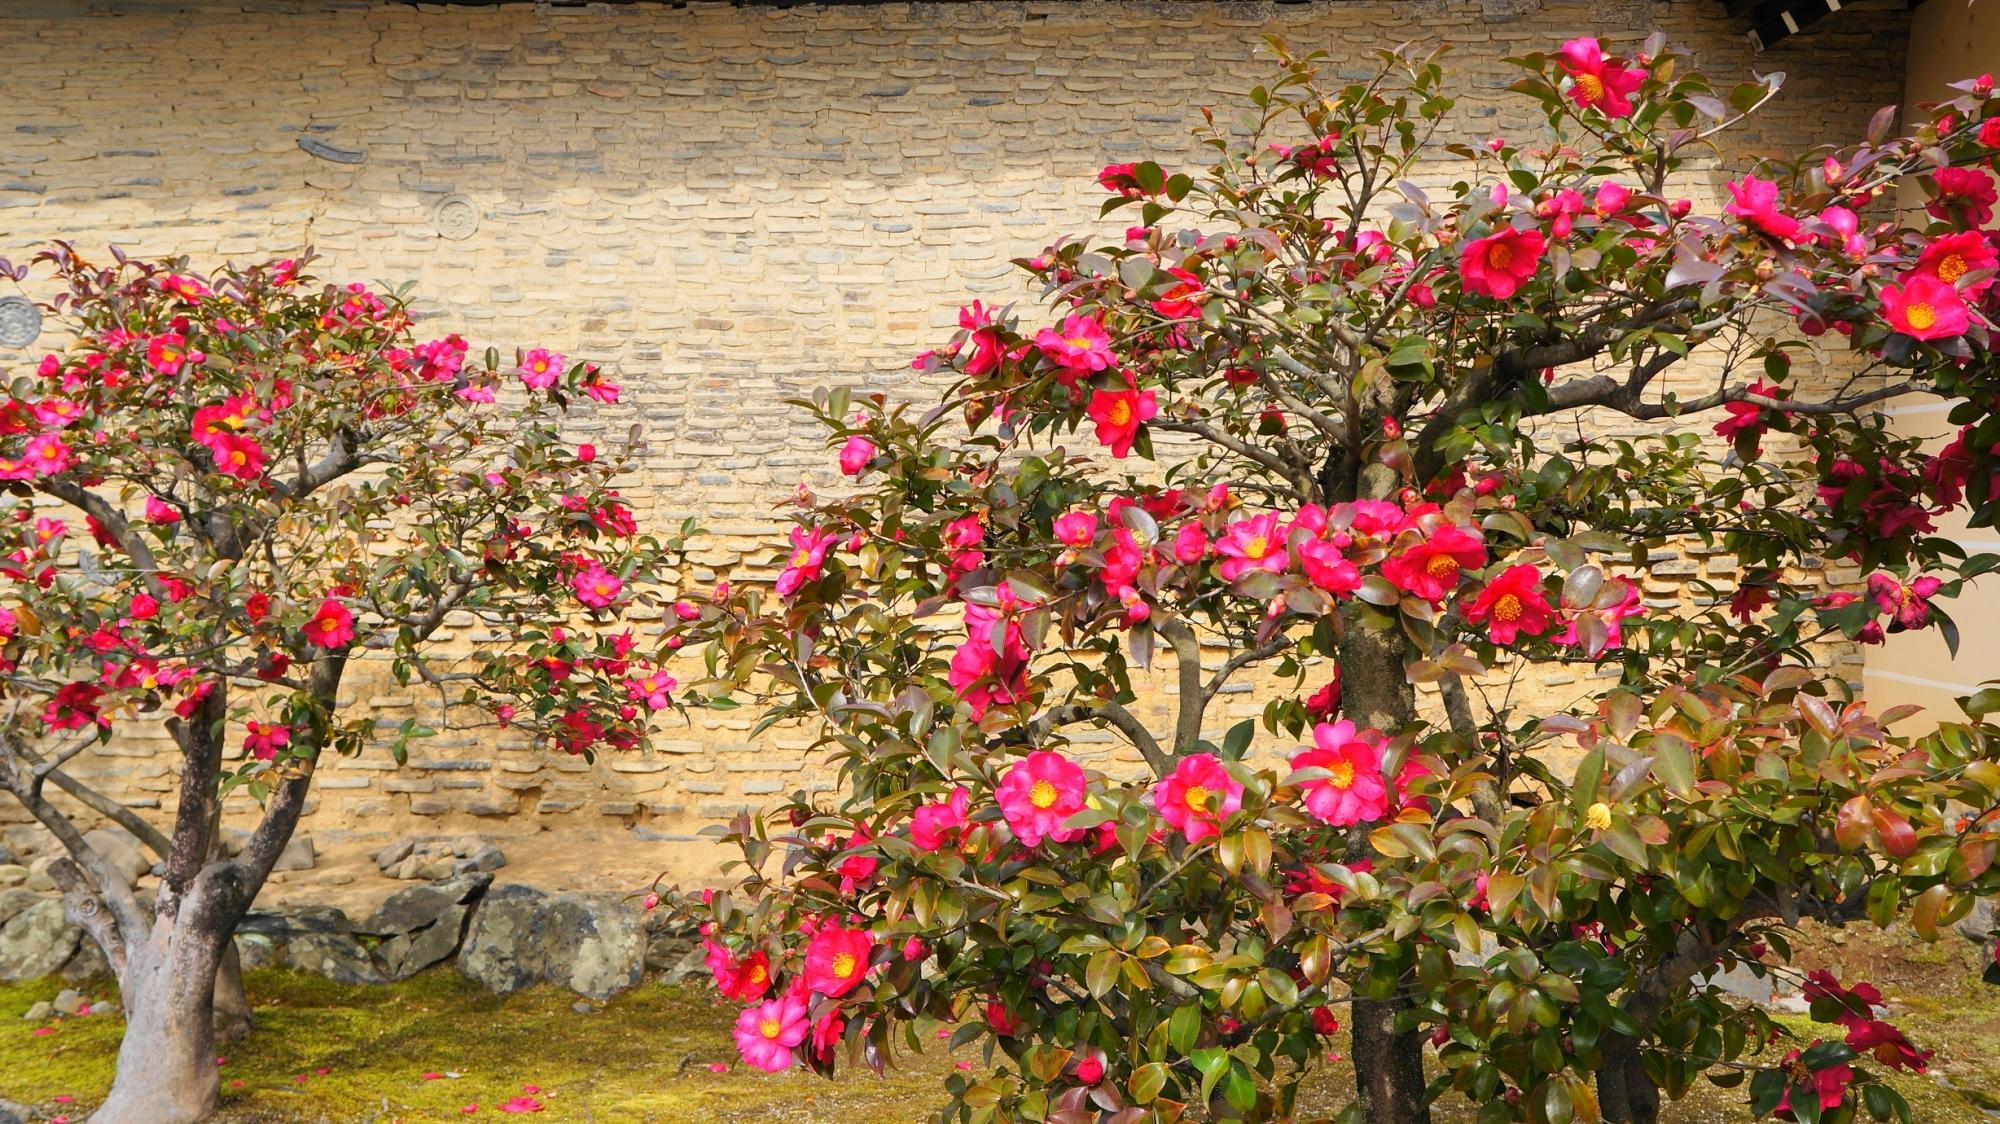 天龍寺の勅使門横の山茶花(サザンカ)